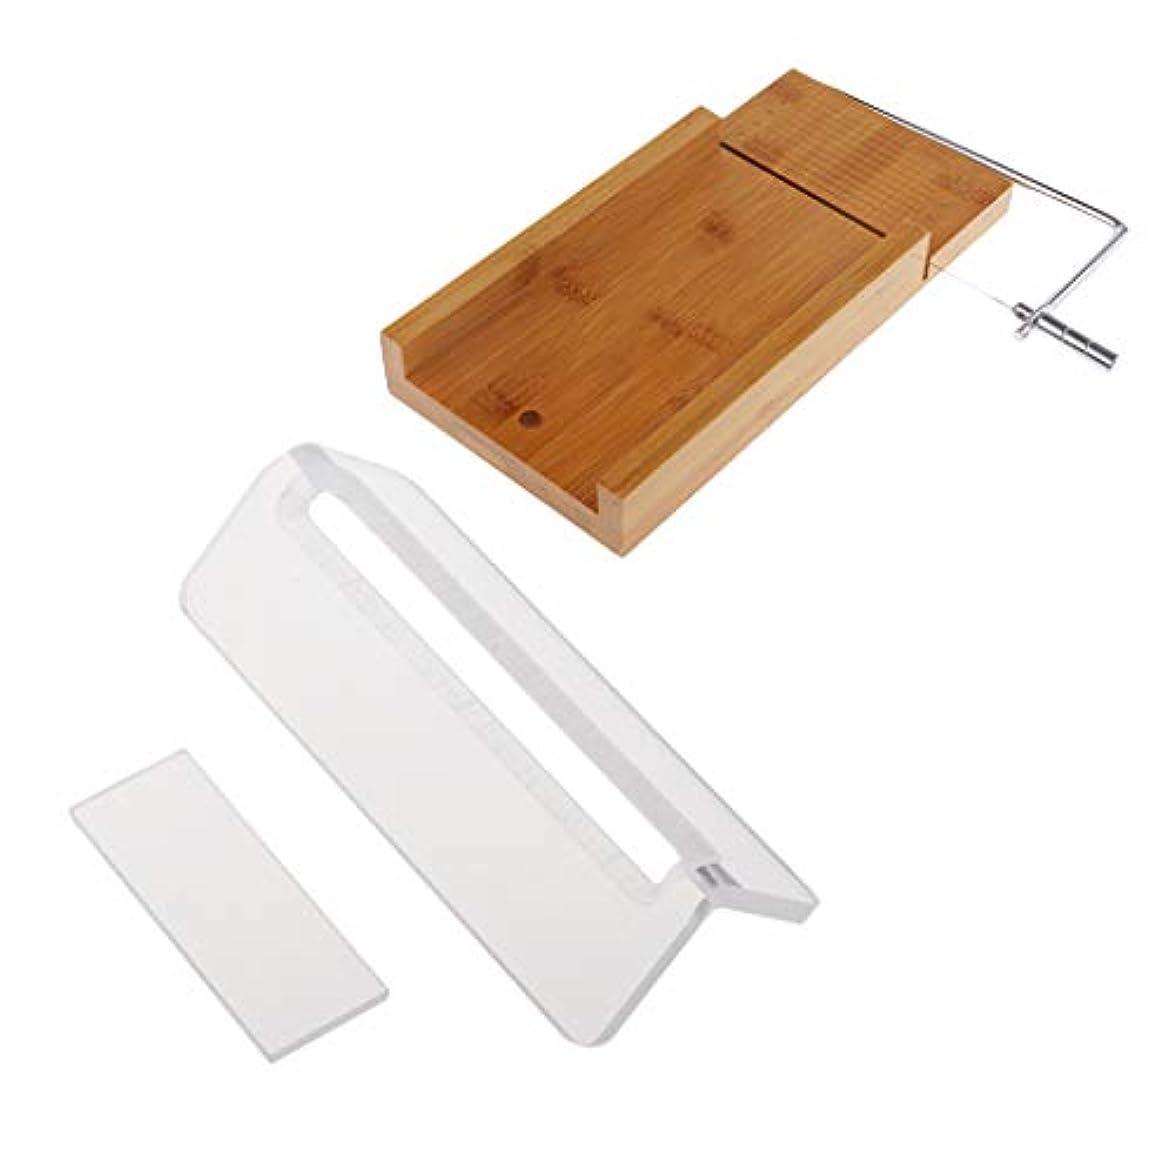 アルバニー泳ぐオートメーションローフカッター 木製 ソープ包丁 石鹸カッター 手作り石鹸 DIY キッチン用品 2個入り